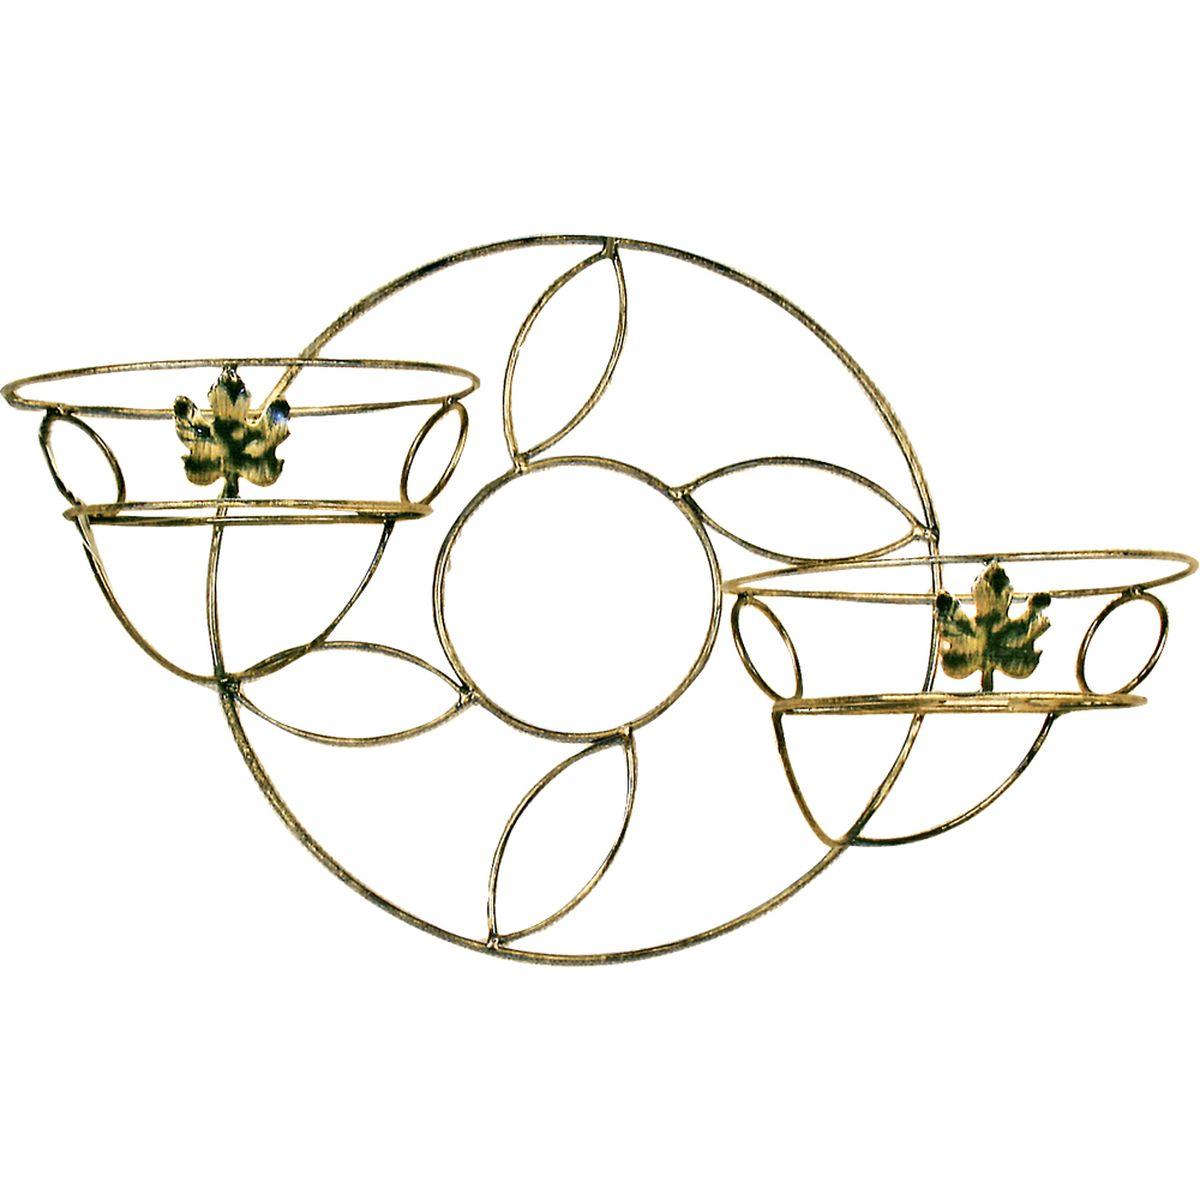 Подставка для цветов Фабрика ковки, настенная, на 2 цветка, цвет: черный, золотистый. 15-12215-122Кованная подставка станет прекрасным украшением любого интерьера. Подставка выполнена из металлических прутьев, цветом черное с золотым. Подставка декорирована кольцами и кленовыми листиками, предназначена для двух цветков. Корзинки при этом размещаются на разных уровнях, что позволяет создавать удивительные цветочные композиции